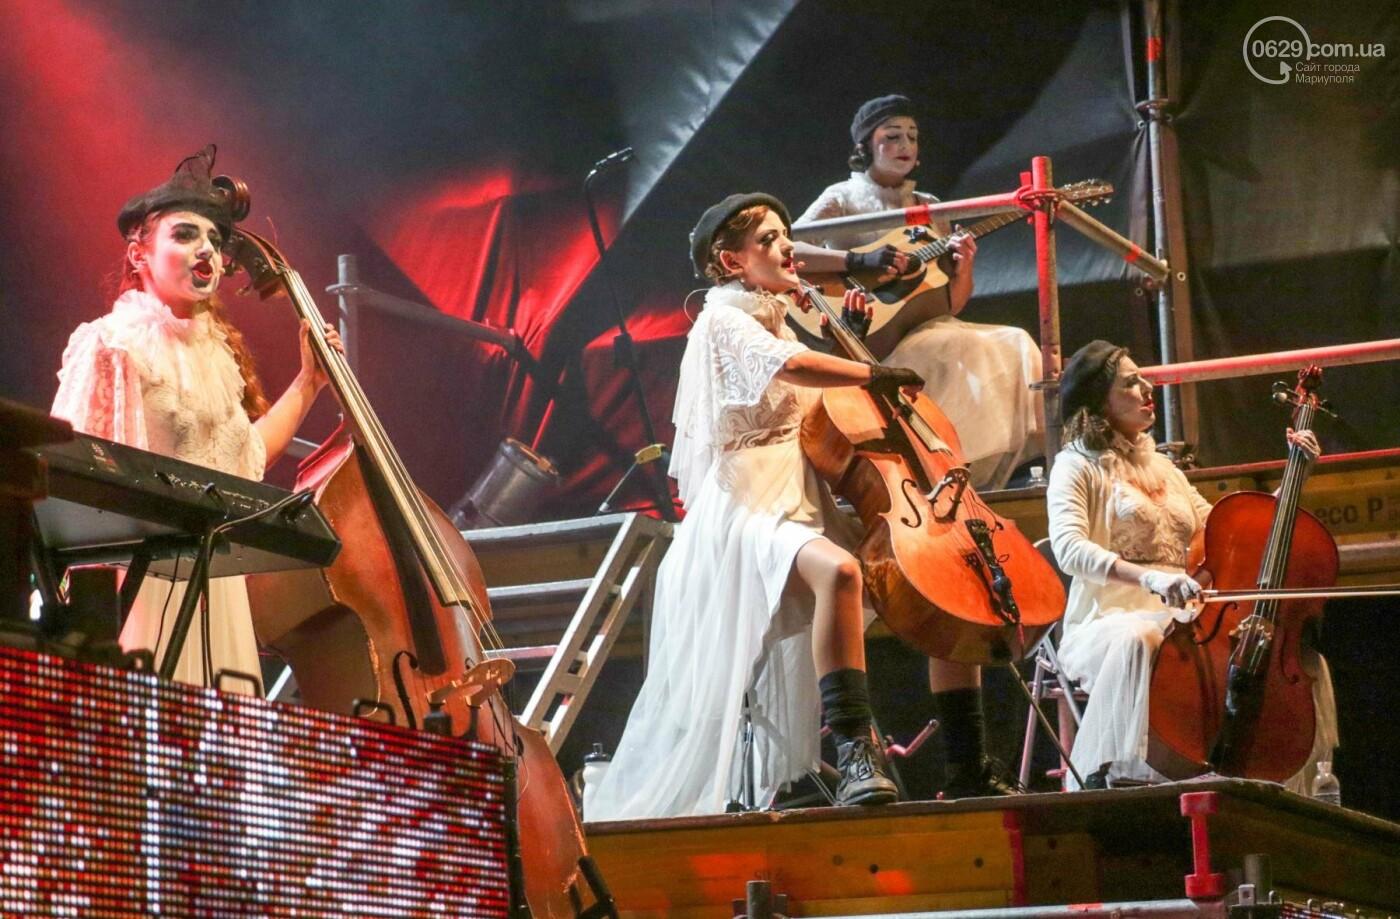 Концерт Dakh Daughters в Городском саду: фееричное открытие ГогольFesta в Мариуполе (ФОТОРЕПОРТАЖ, ВИДЕО), фото-1